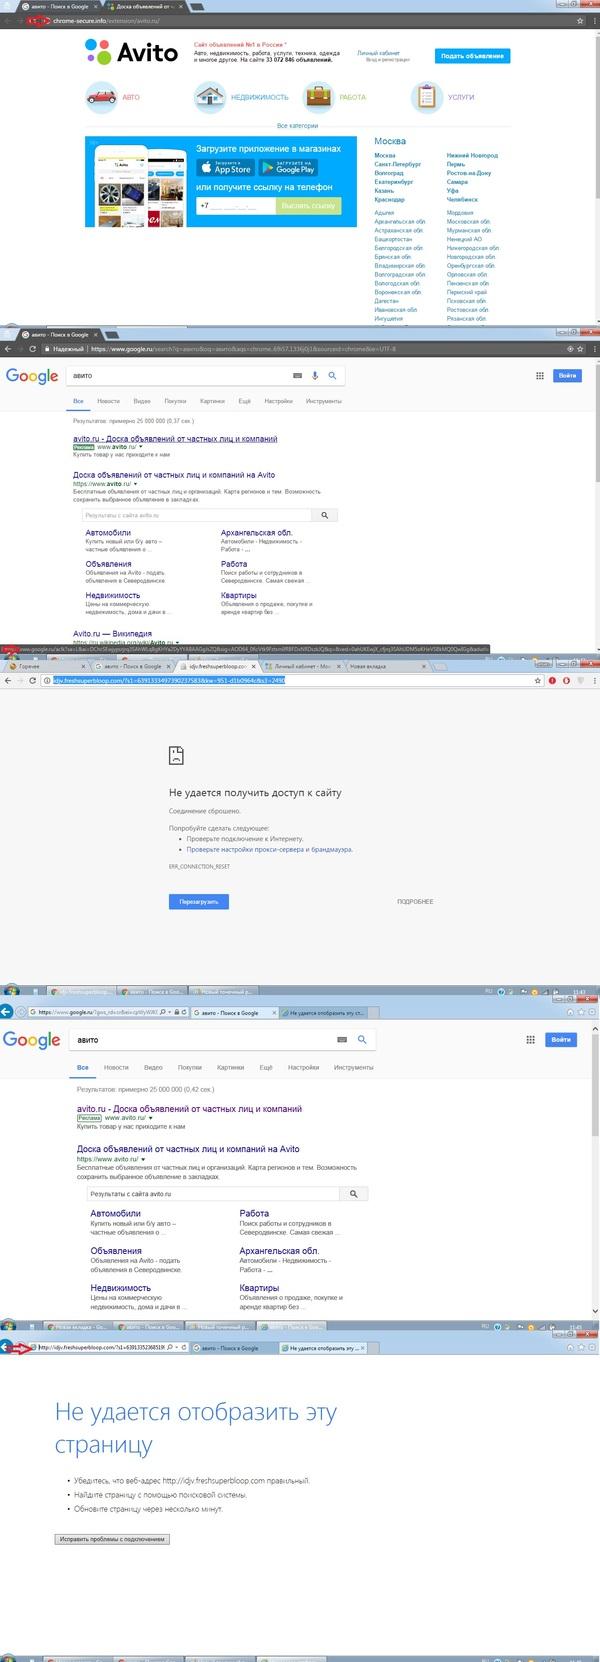 Внимание фишинг. google, опасность, реклама, фишинговый сайт, доколе гугл, авито, длиннопост